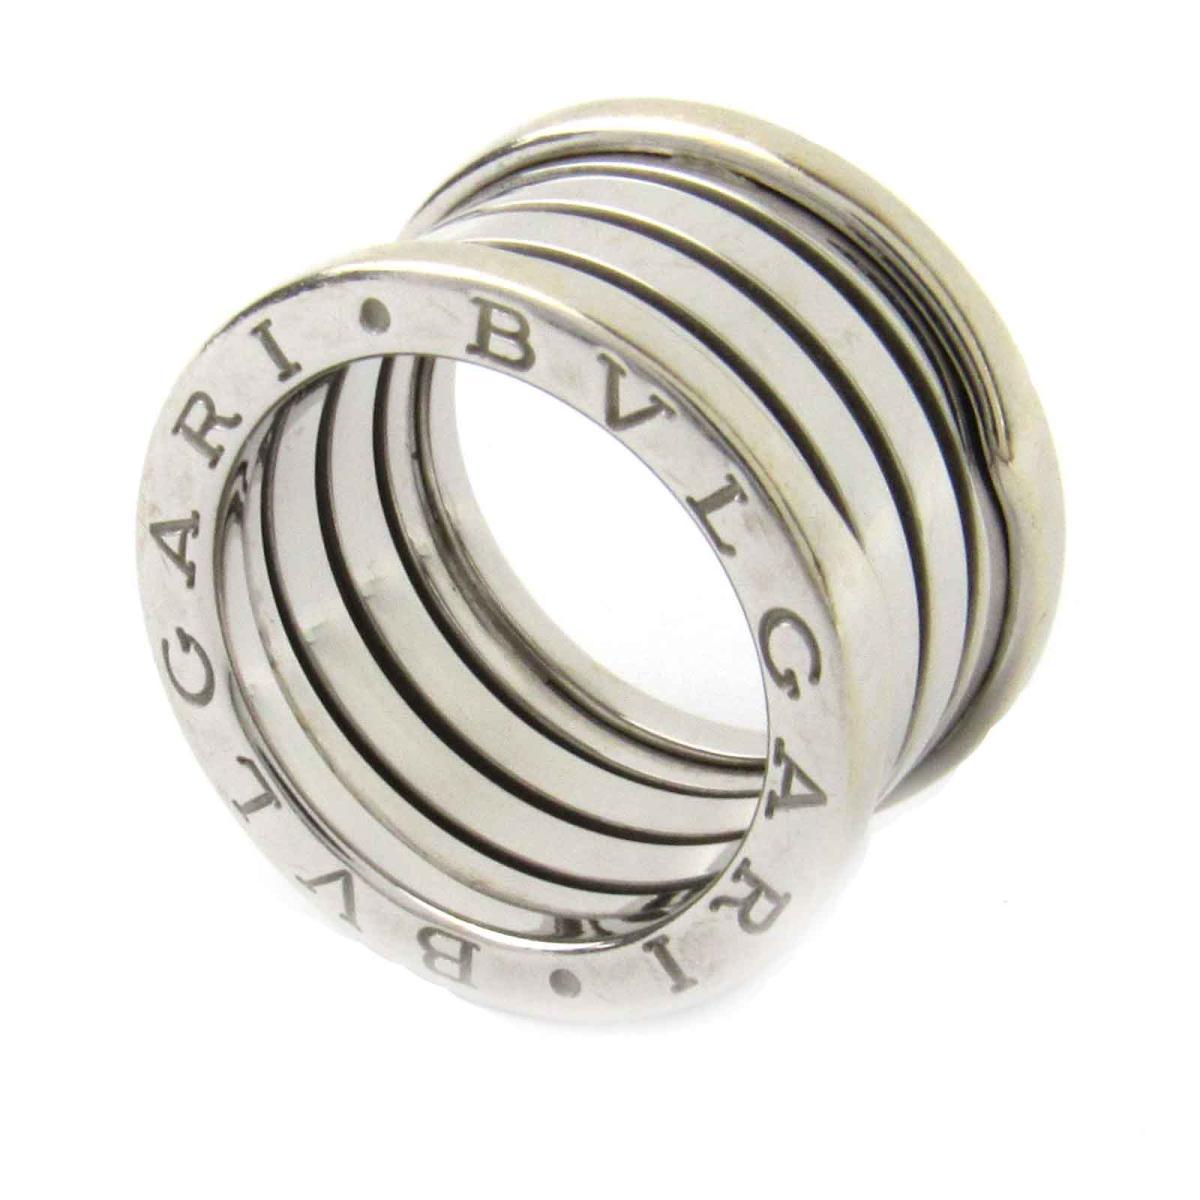 07747c1e0fca ... ブルガリB-zero1ビーゼロワンリング指輪Mサイズブランドジュエリーユニセックス ...